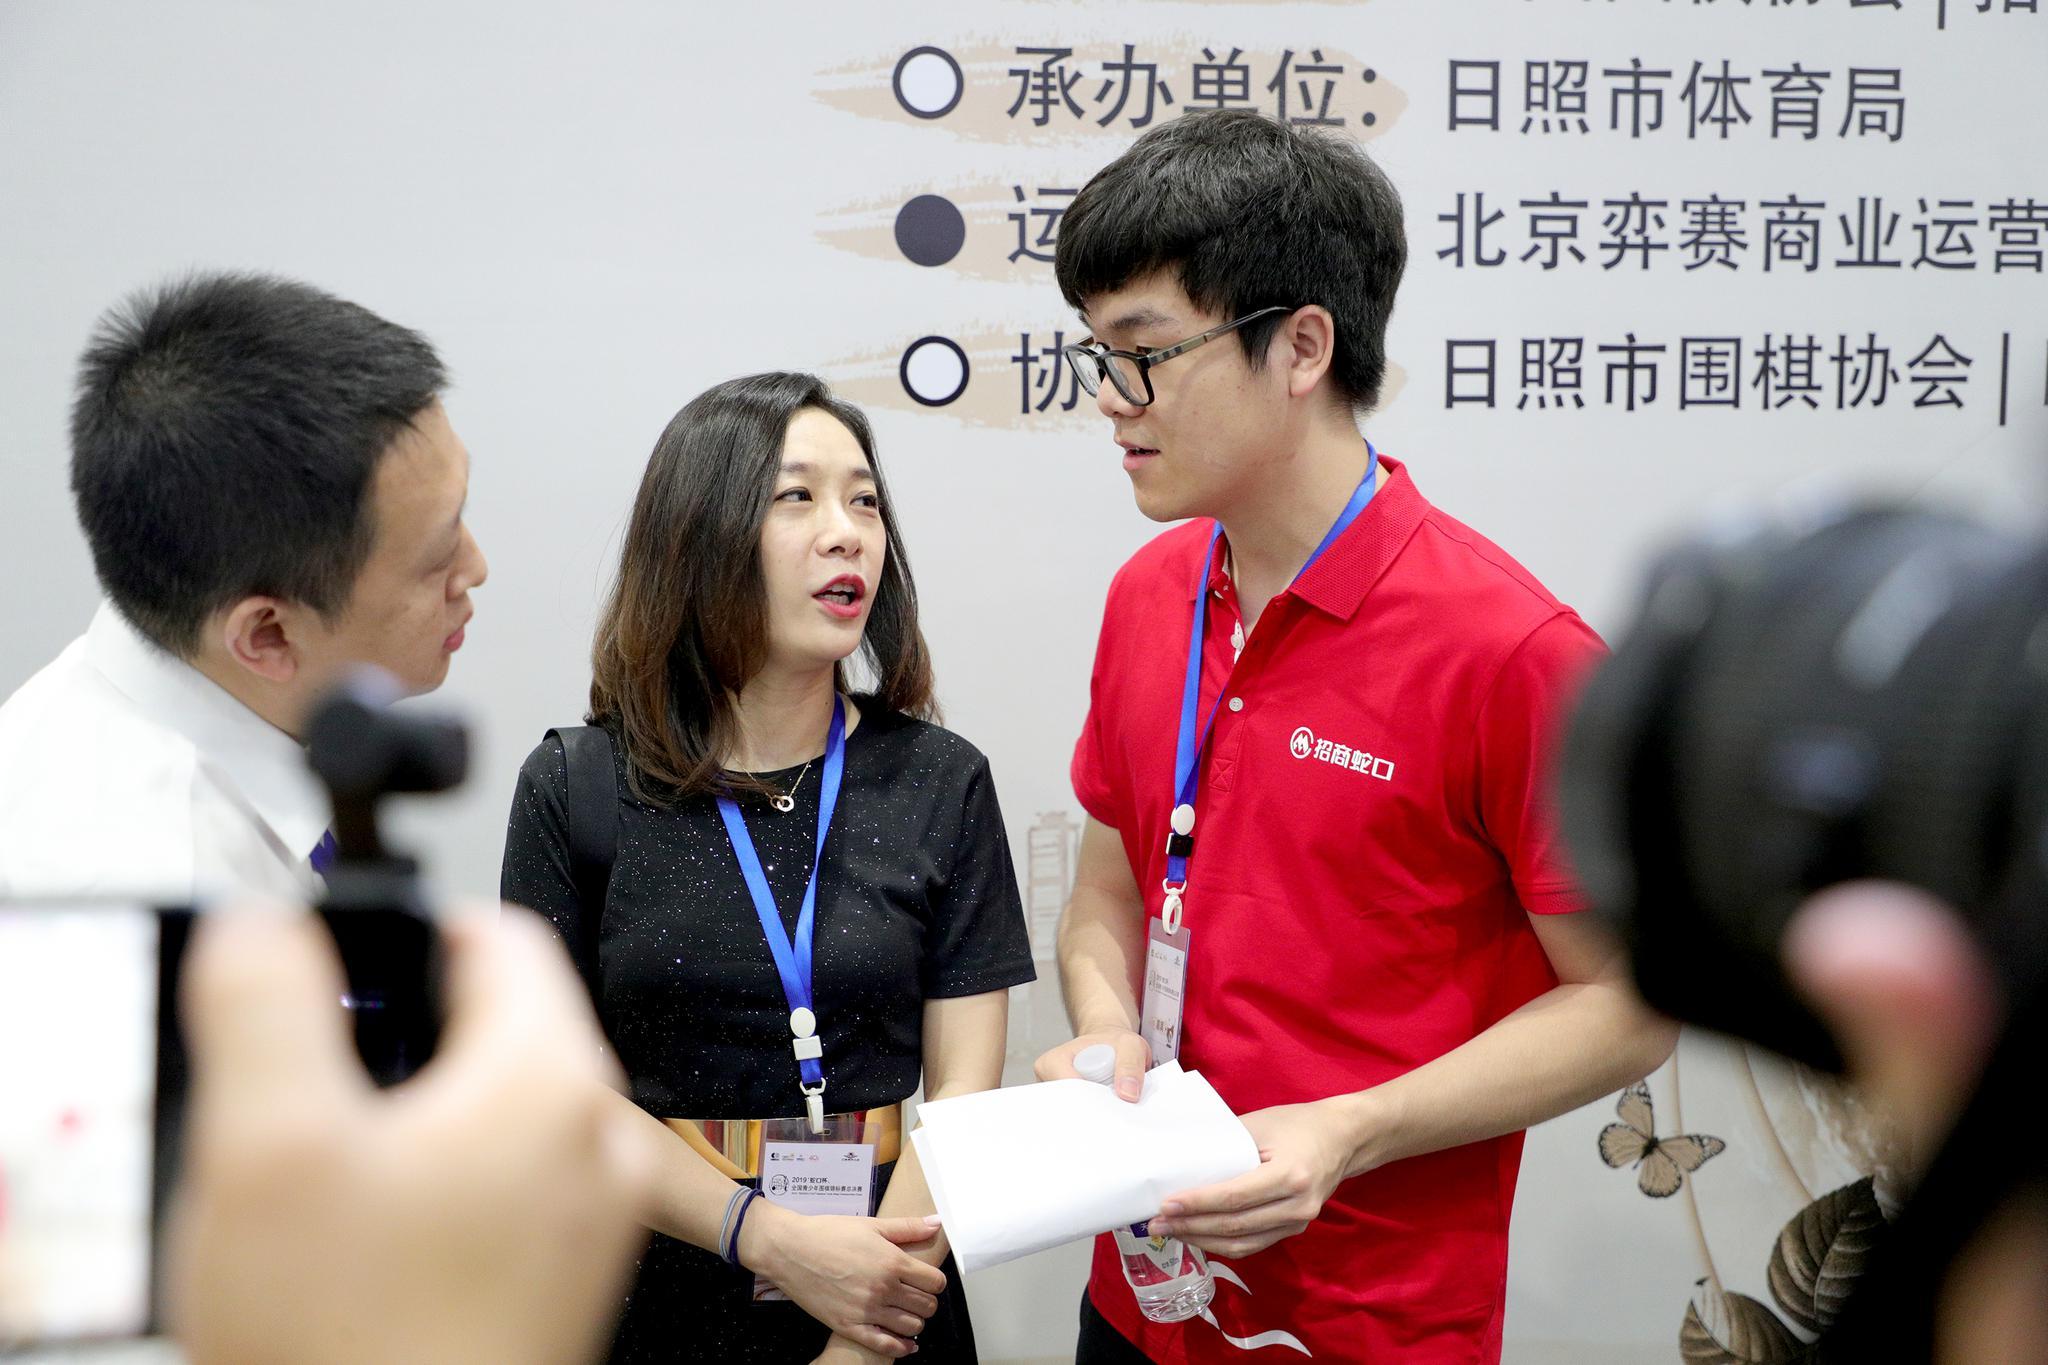 高清-柯洁亮相中国围棋大会